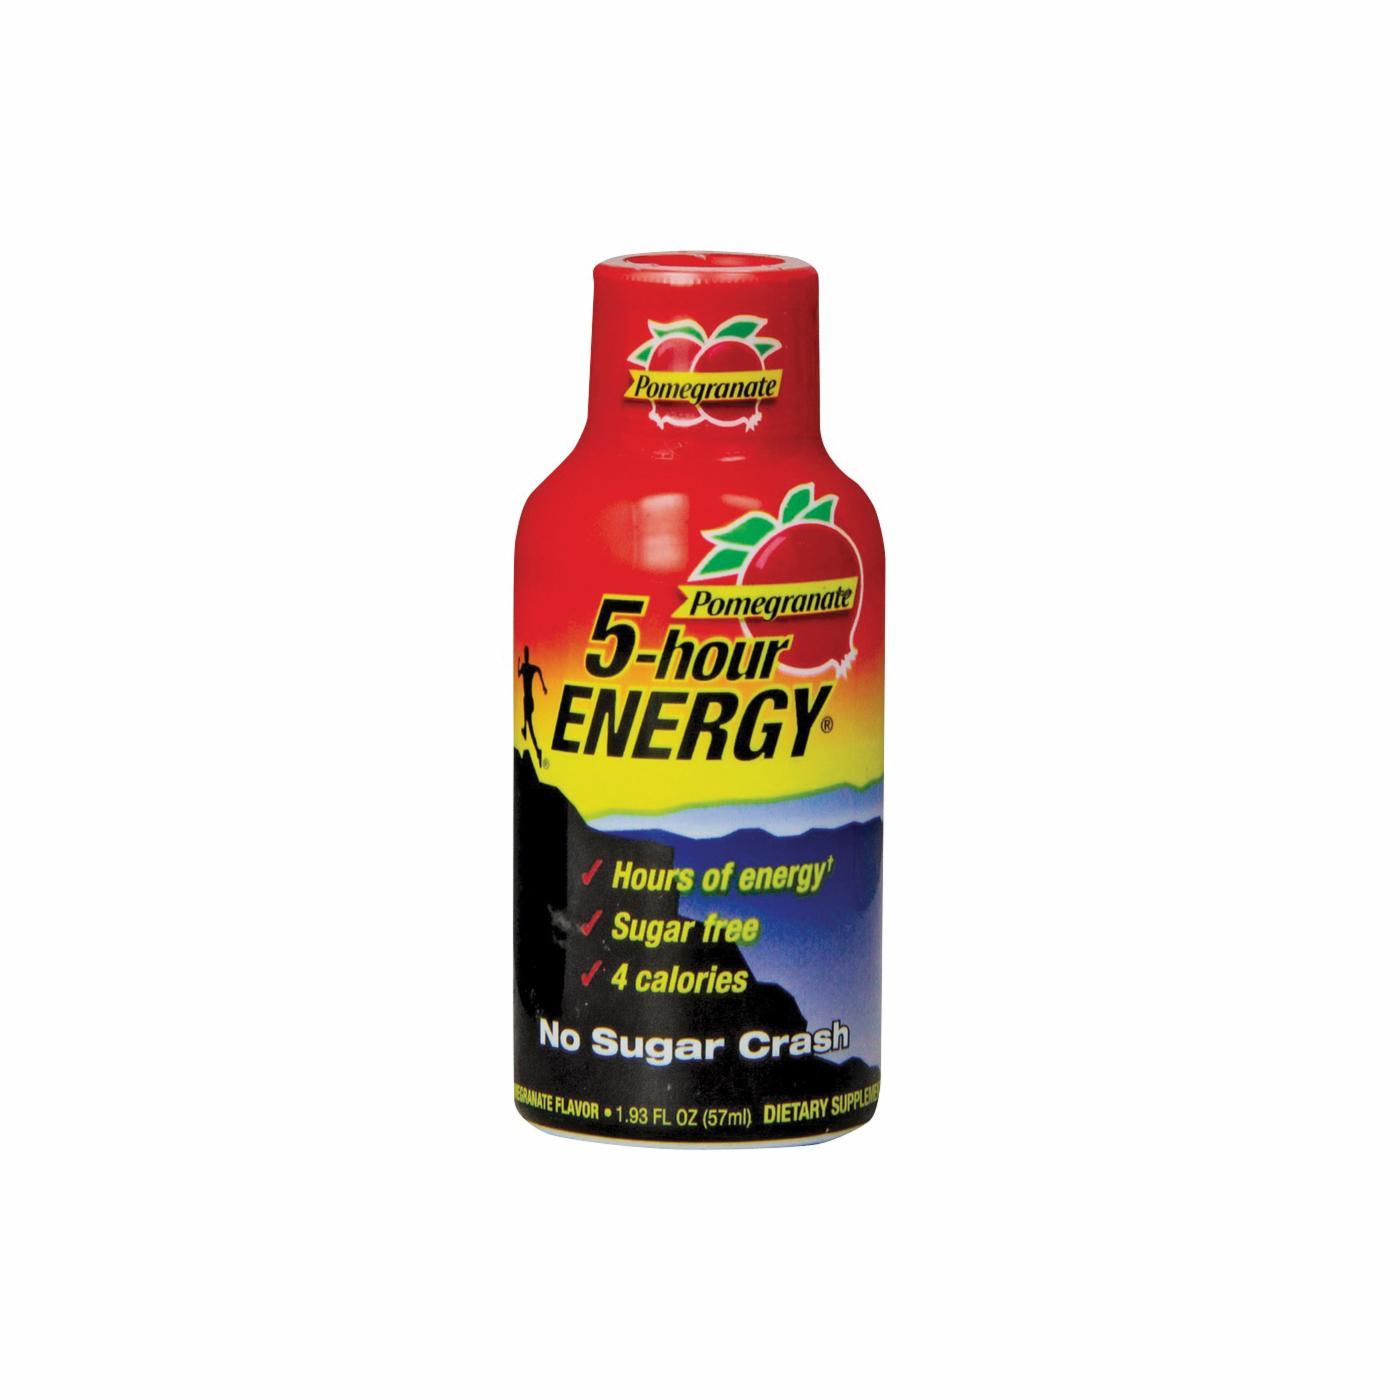 5-hour ENERGY 818125